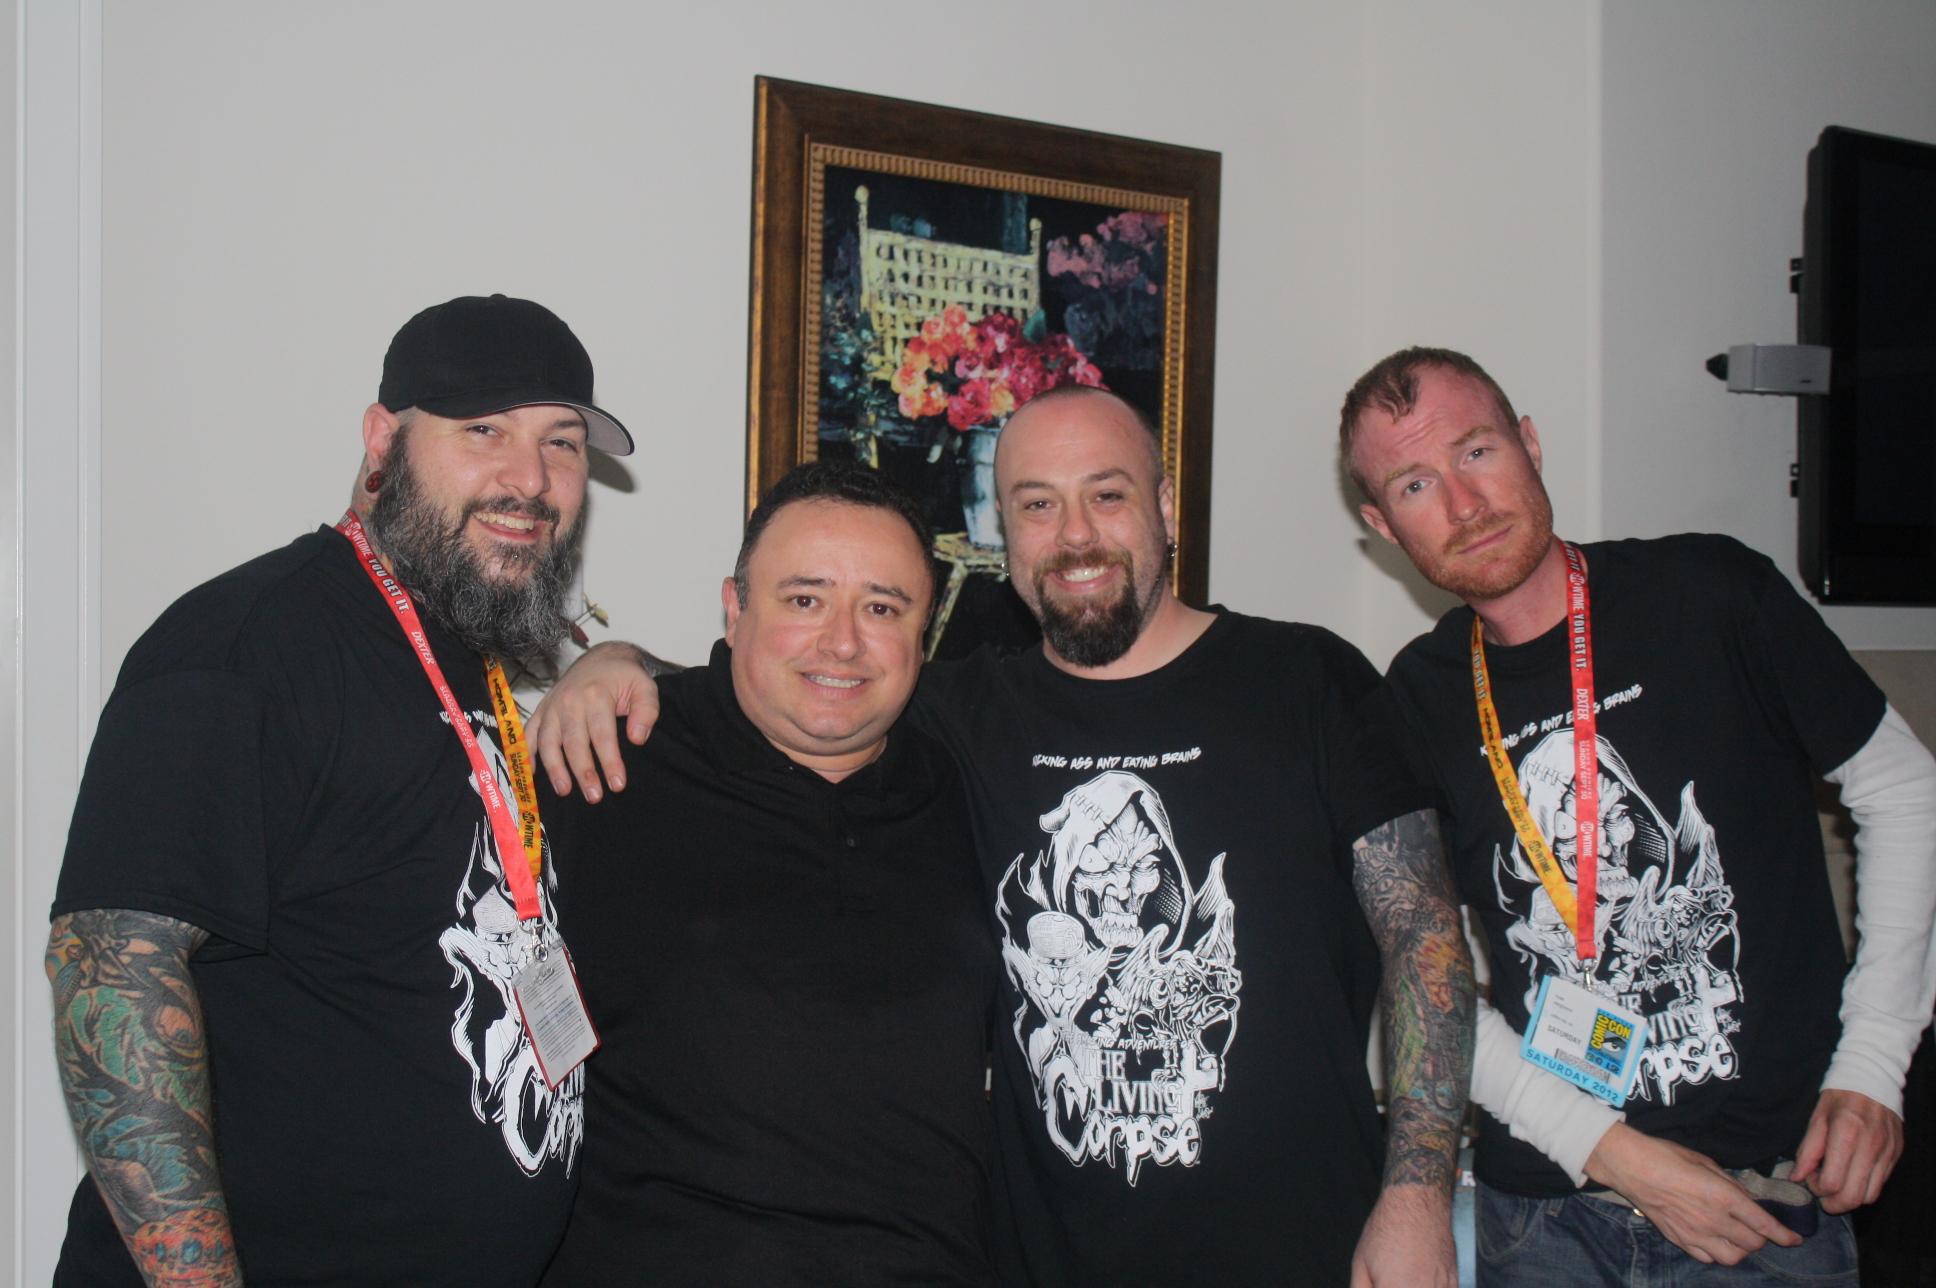 Buz, Gabe, Ken, Ryan - LIVING CORPSE